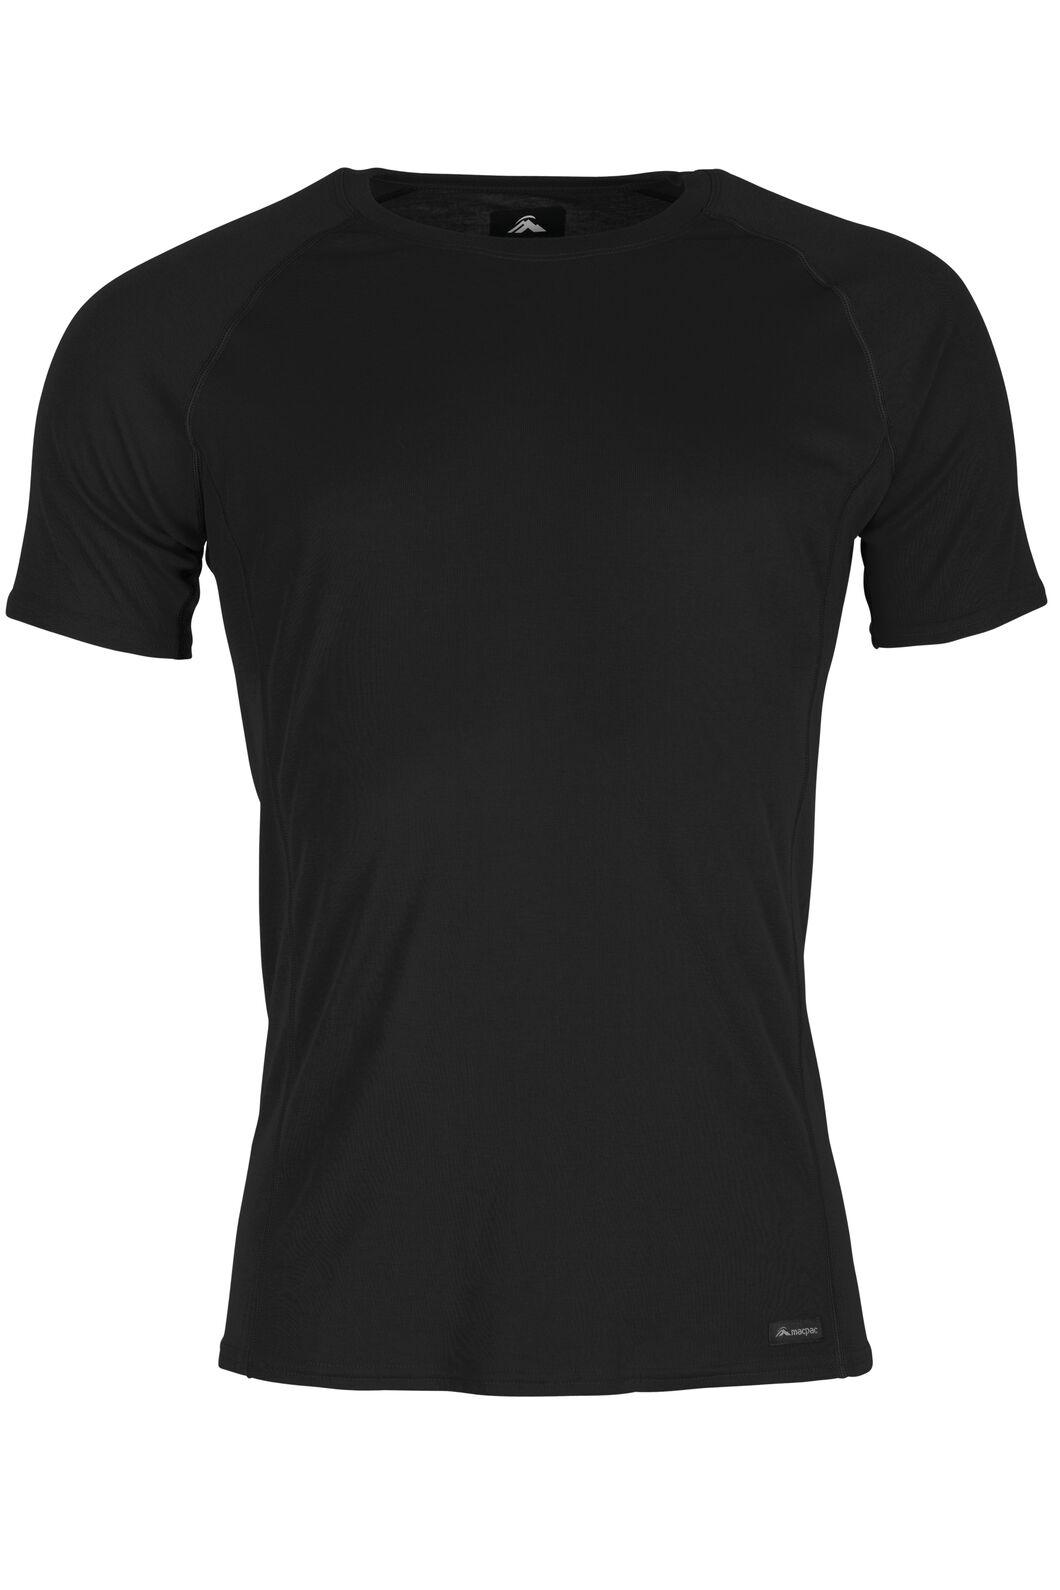 Macpac Geothermal Short Sleeve Top — Men's, Black, hi-res